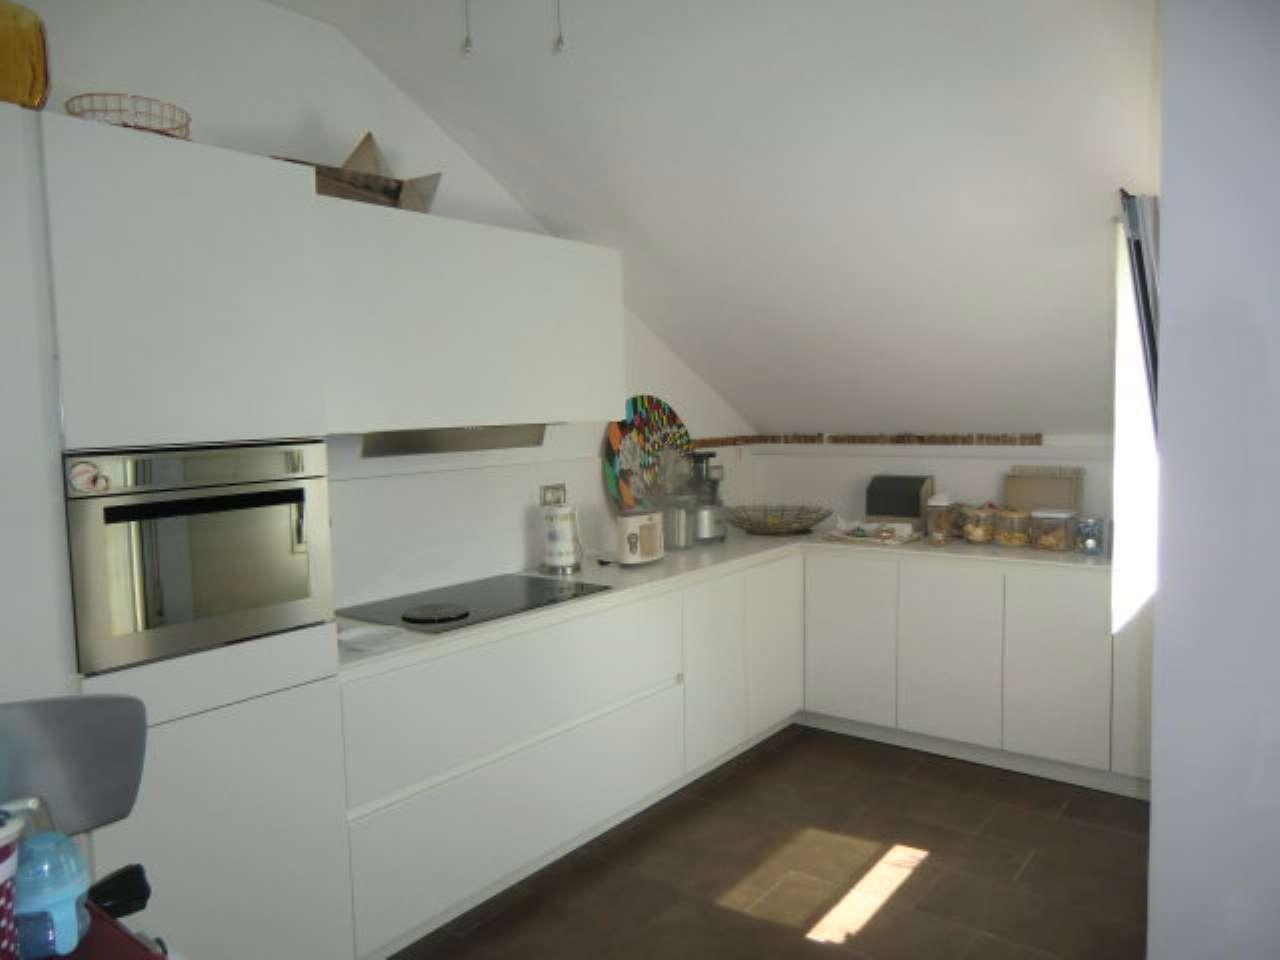 Attico / Mansarda in affitto a Padova, 6 locali, zona Zona: 1 . Centro, prezzo € 1.900 | CambioCasa.it